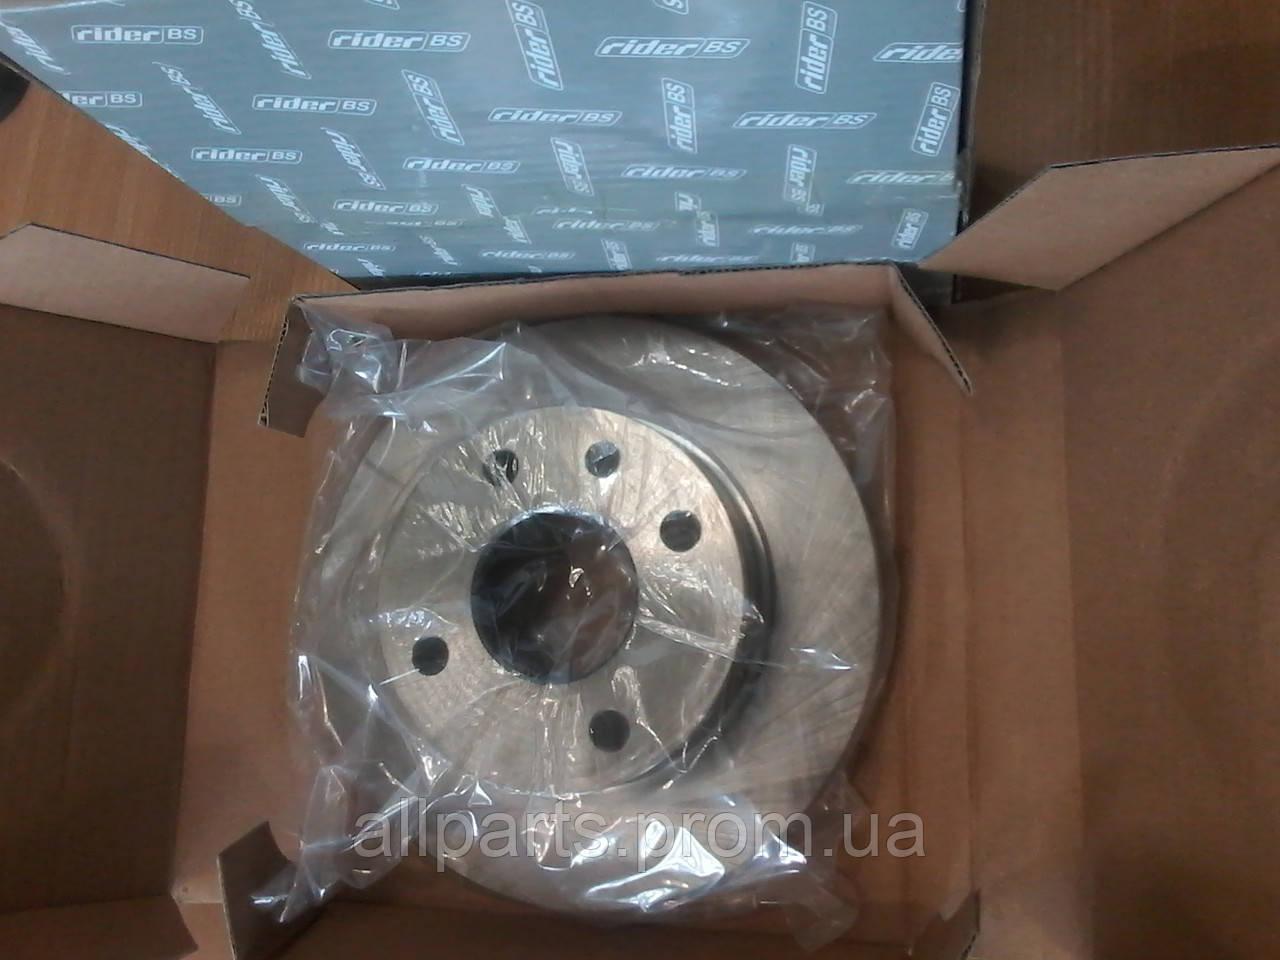 Тормозные диски Rider (страна производитель Венгрия)